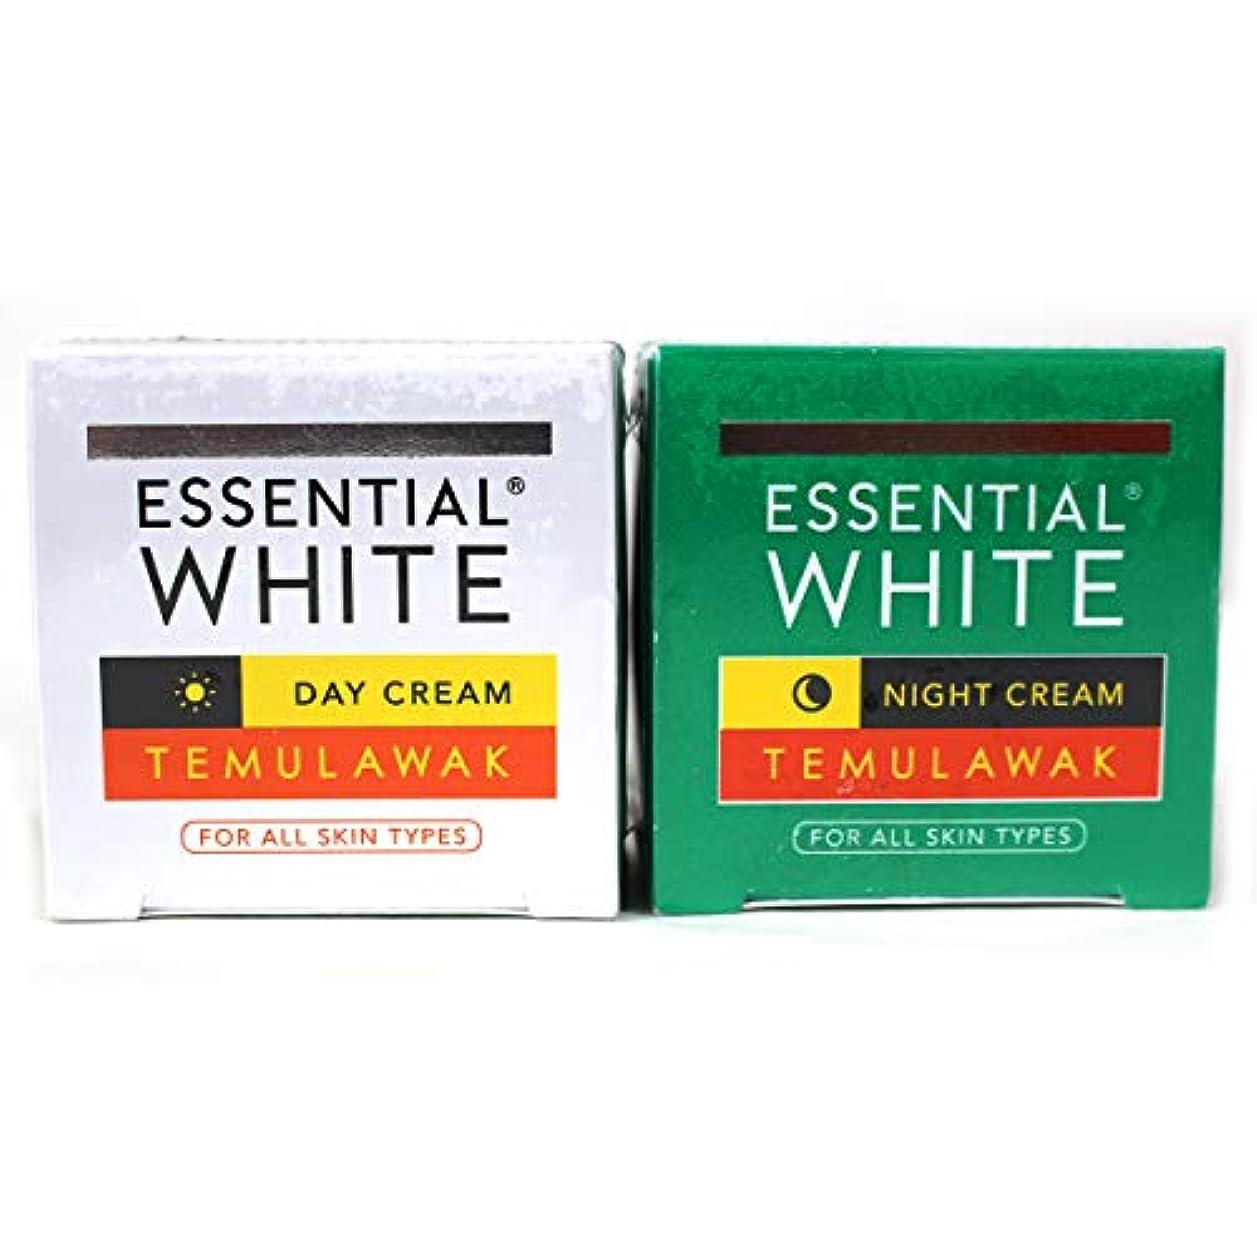 ナインへ頼むまつげギジ gizi Essential White フェイスクリーム ボトルタイプ 日中用&ナイト用セット 9g ×2個 テムラワク ウコン など天然成分配合 [海外直送品]